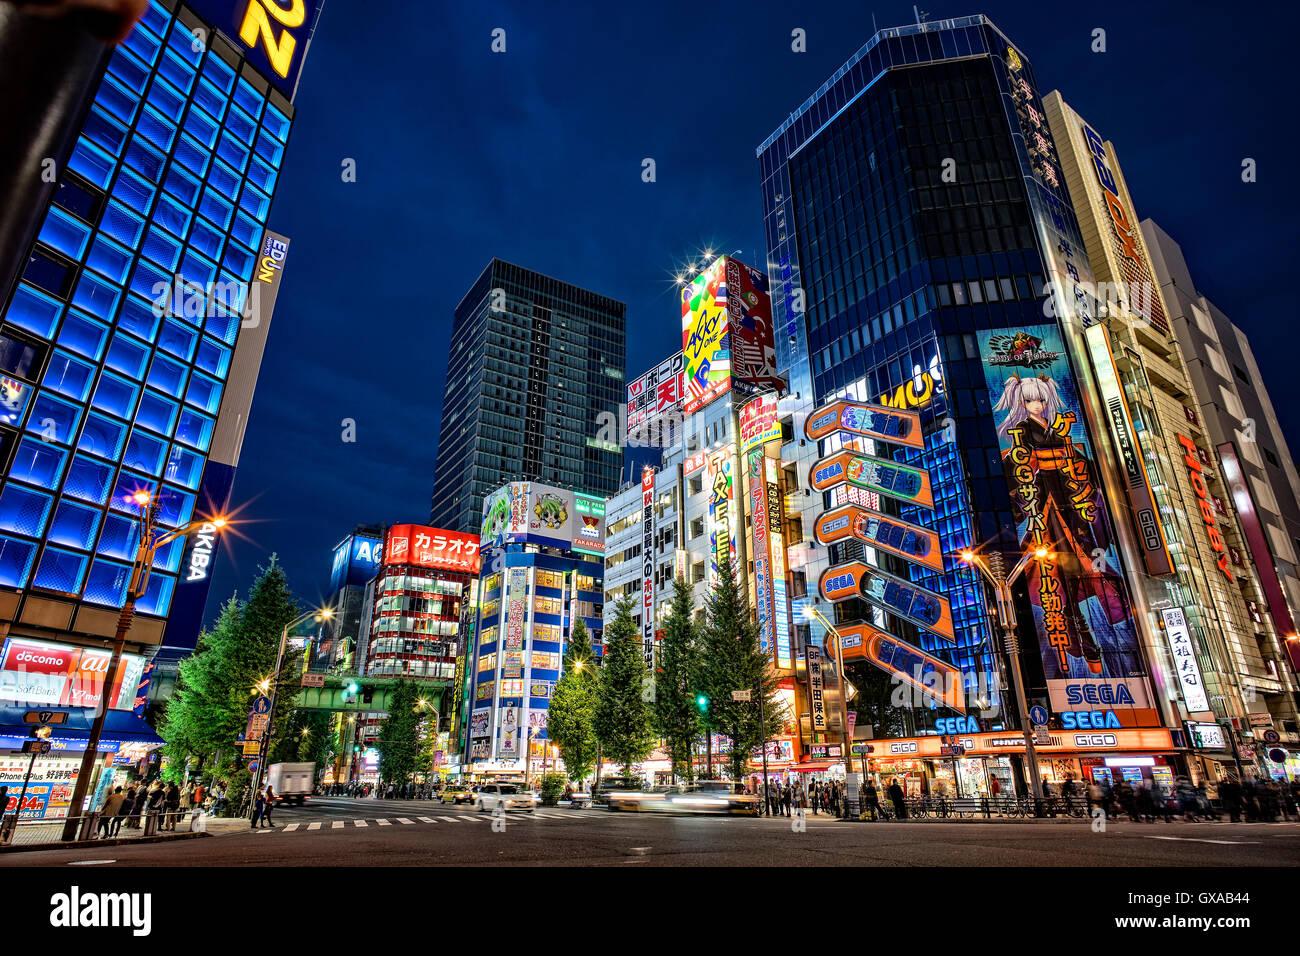 La isla de Japón, Honshu, Kanto, Tokio, en el distrito de Akihabara en la noche. Imagen De Stock